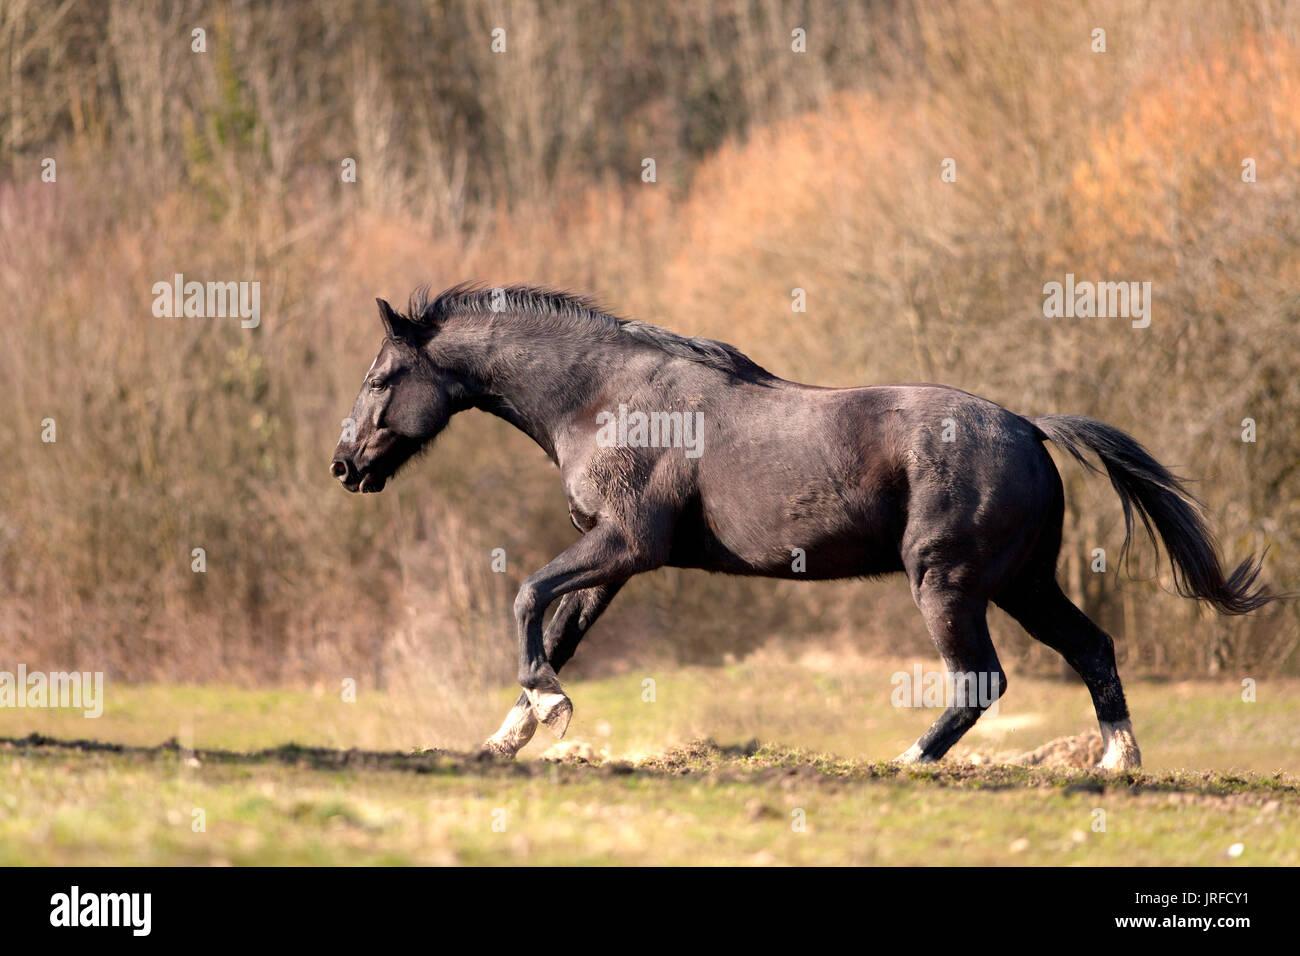 Schwarzer Hengst Pferd freien Lauf und Galoppierenden mächtig im madow Stockbild